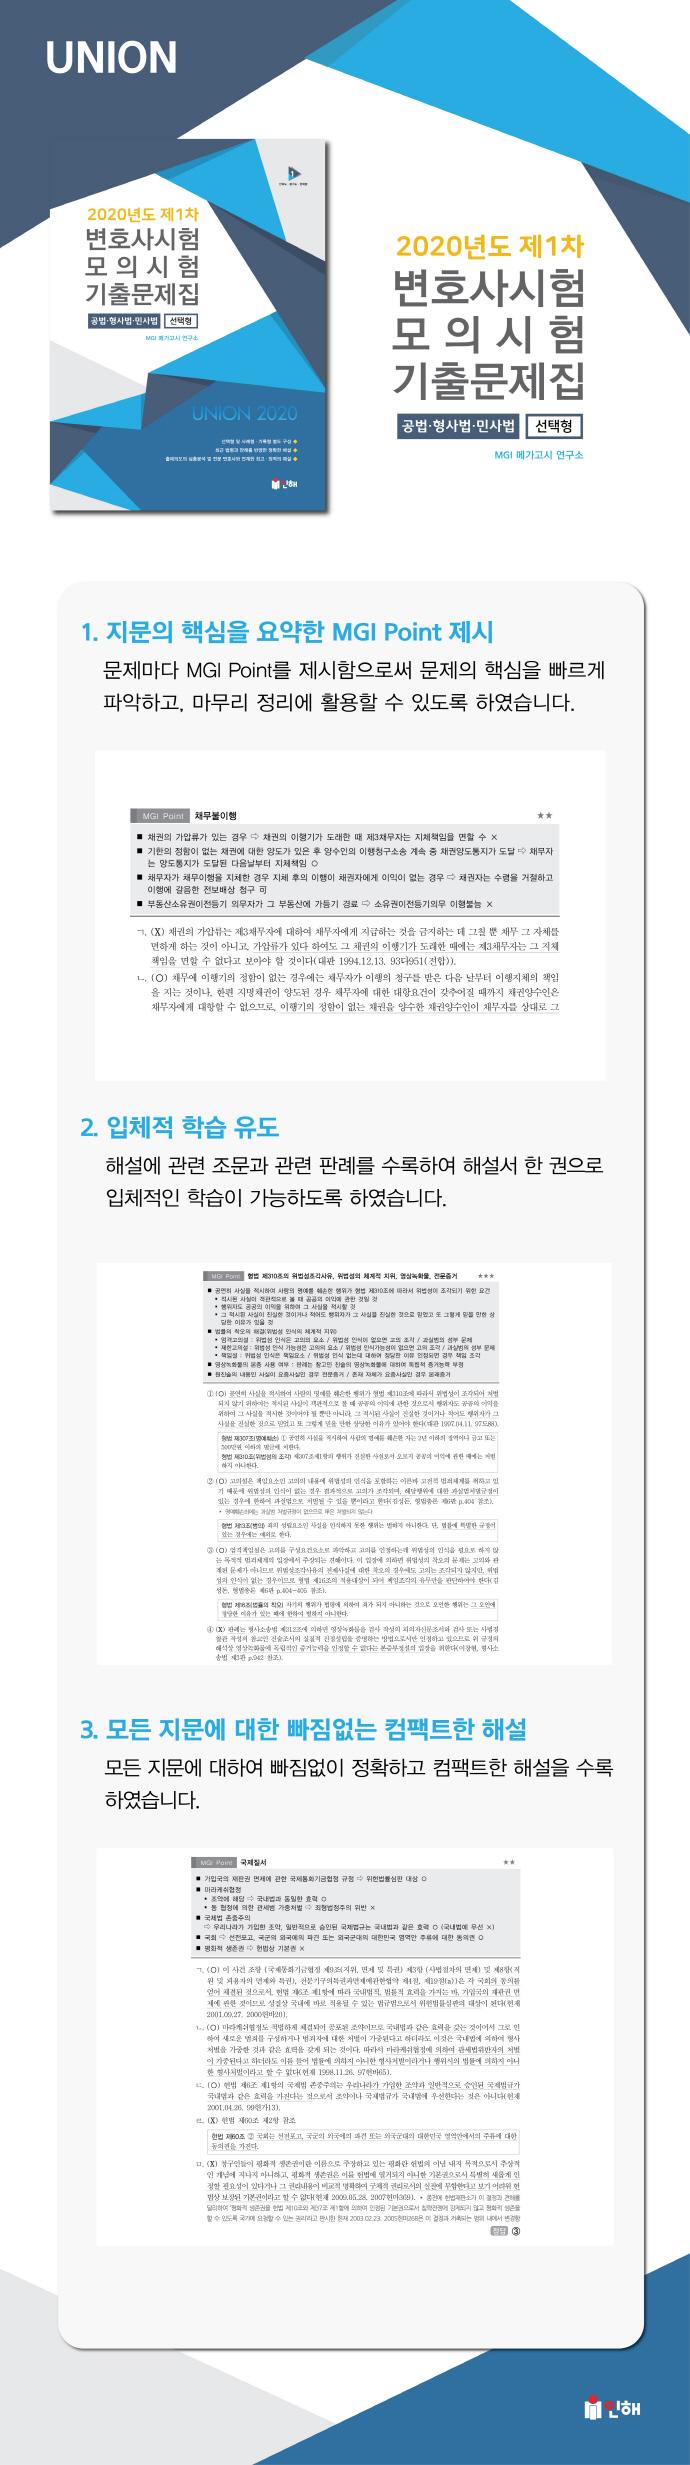 제1차 변호사시험 모의시험 기출문제집(2020)(Union) 도서 상세이미지